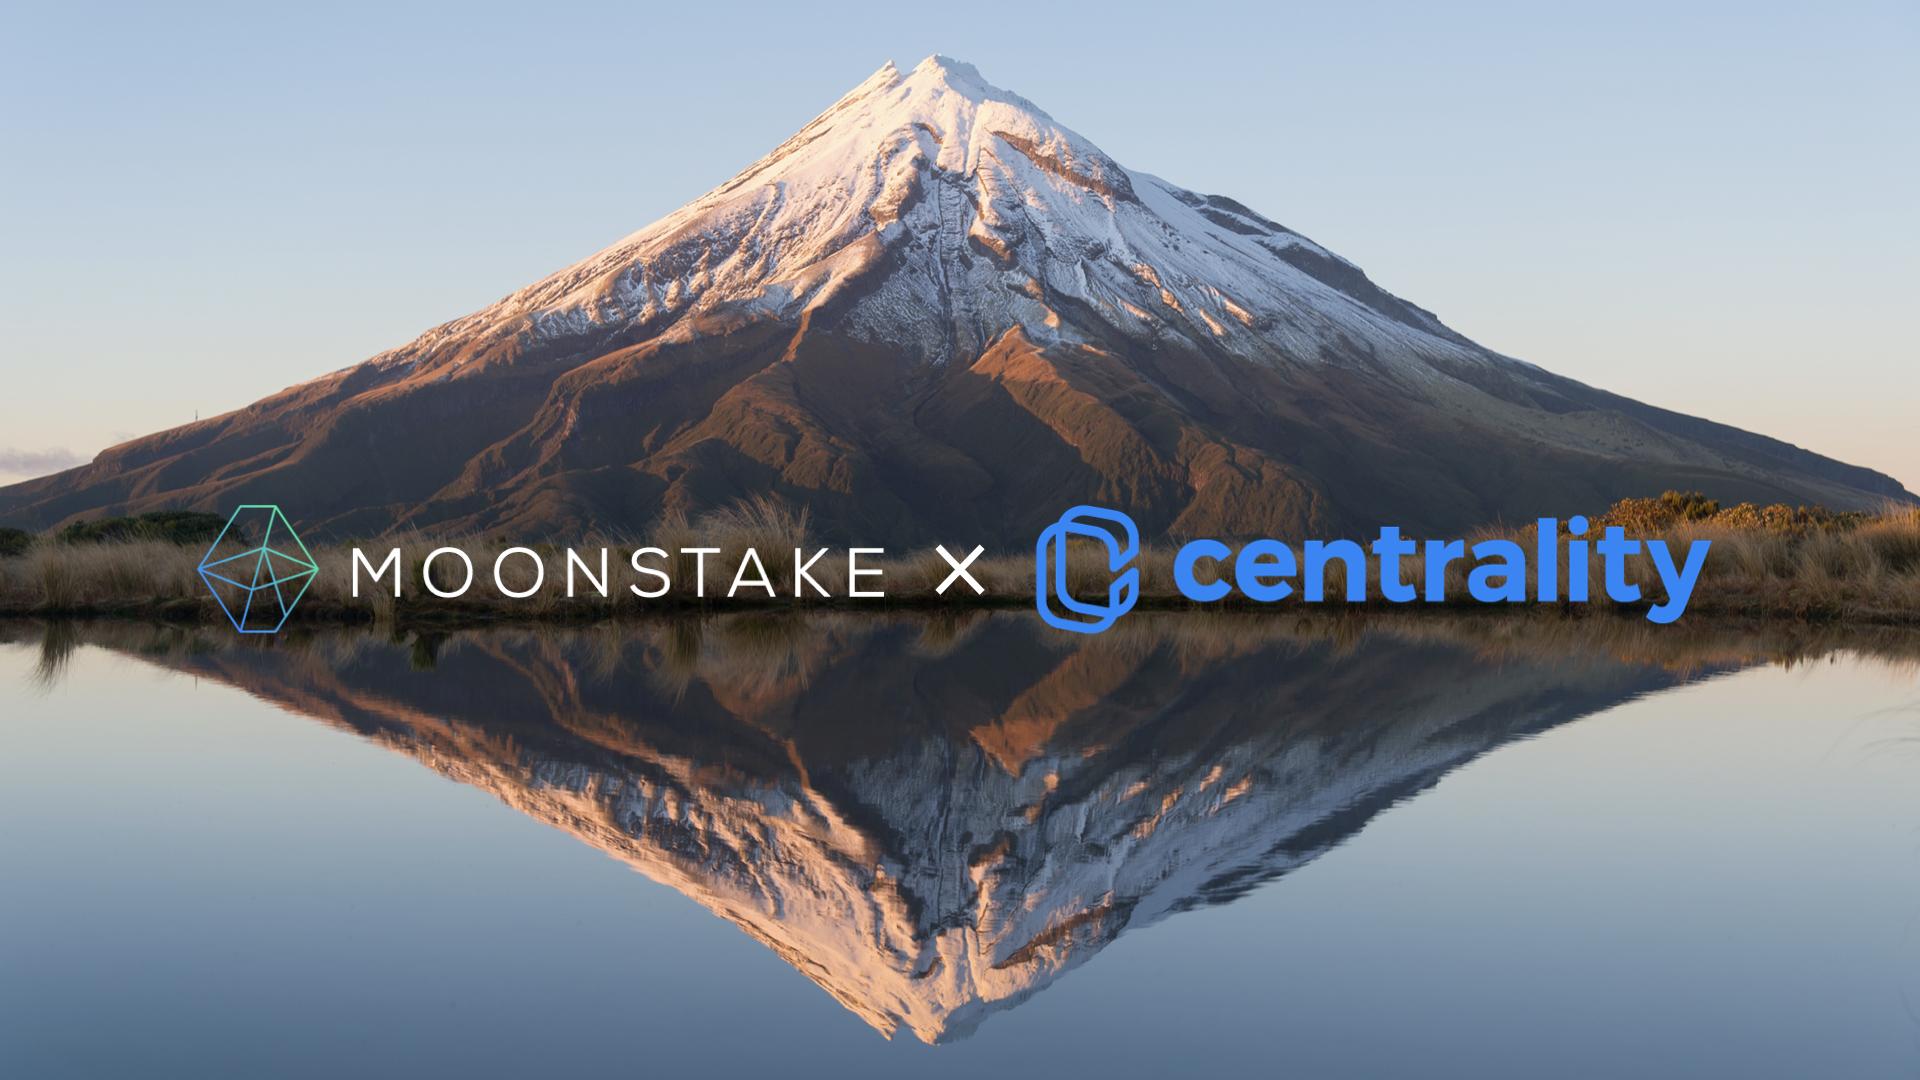 ムーンステーク(Moonstake)とセントラリティ(Centrality)が戦略的パートナーシップを締結